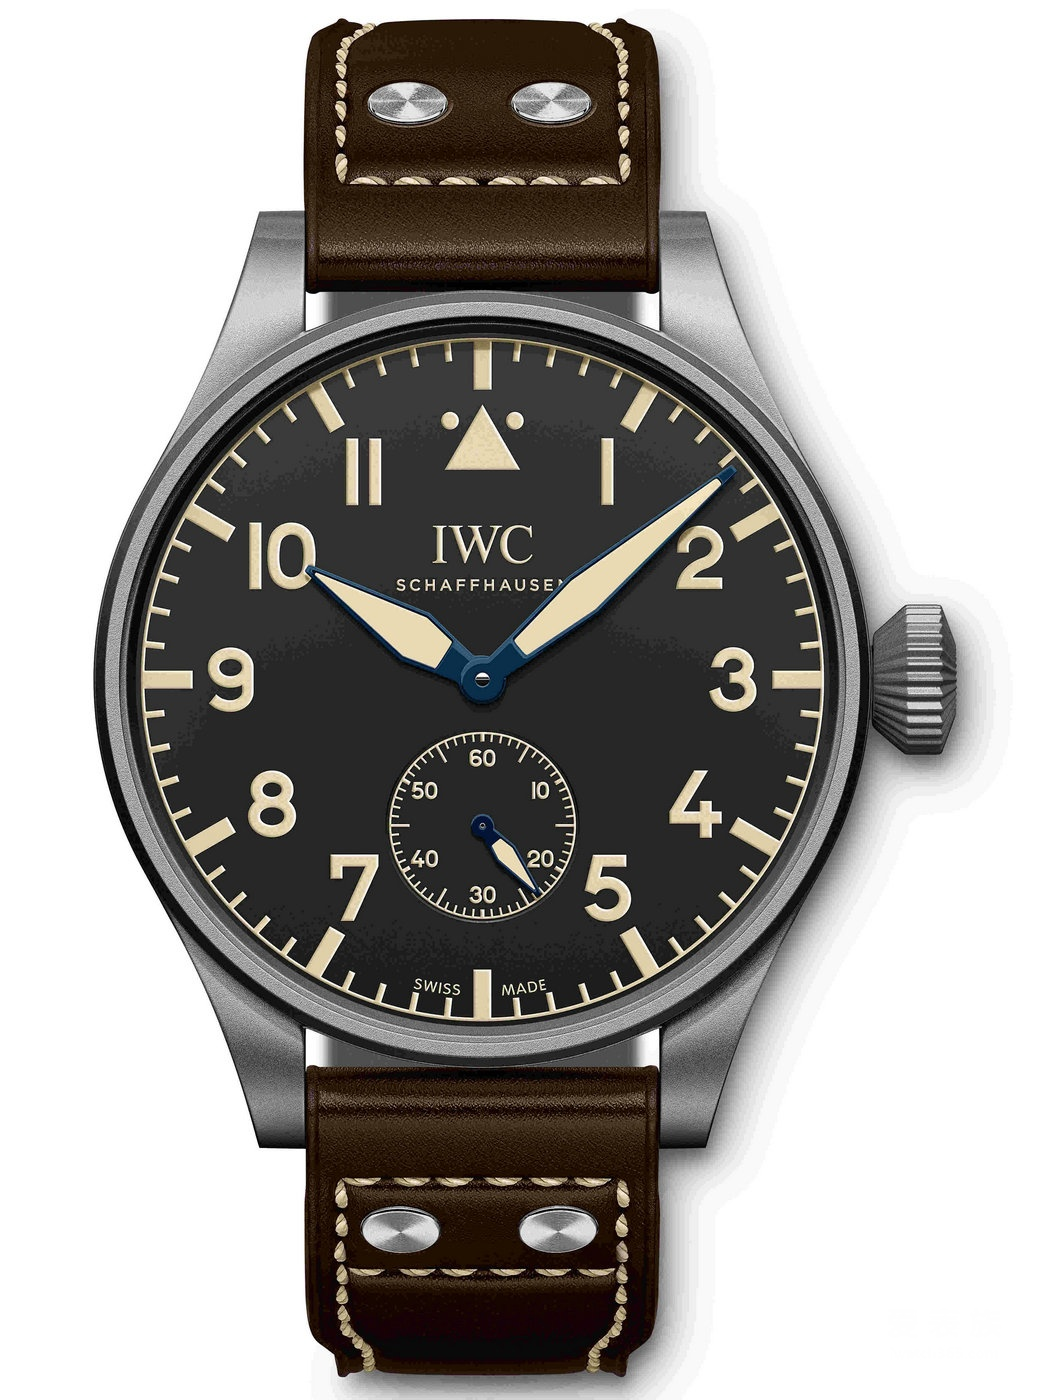 [2016年sihh日內瓦國際鐘表展]iwc萬國表大型飛行員傳承腕表 大型飛行圖片